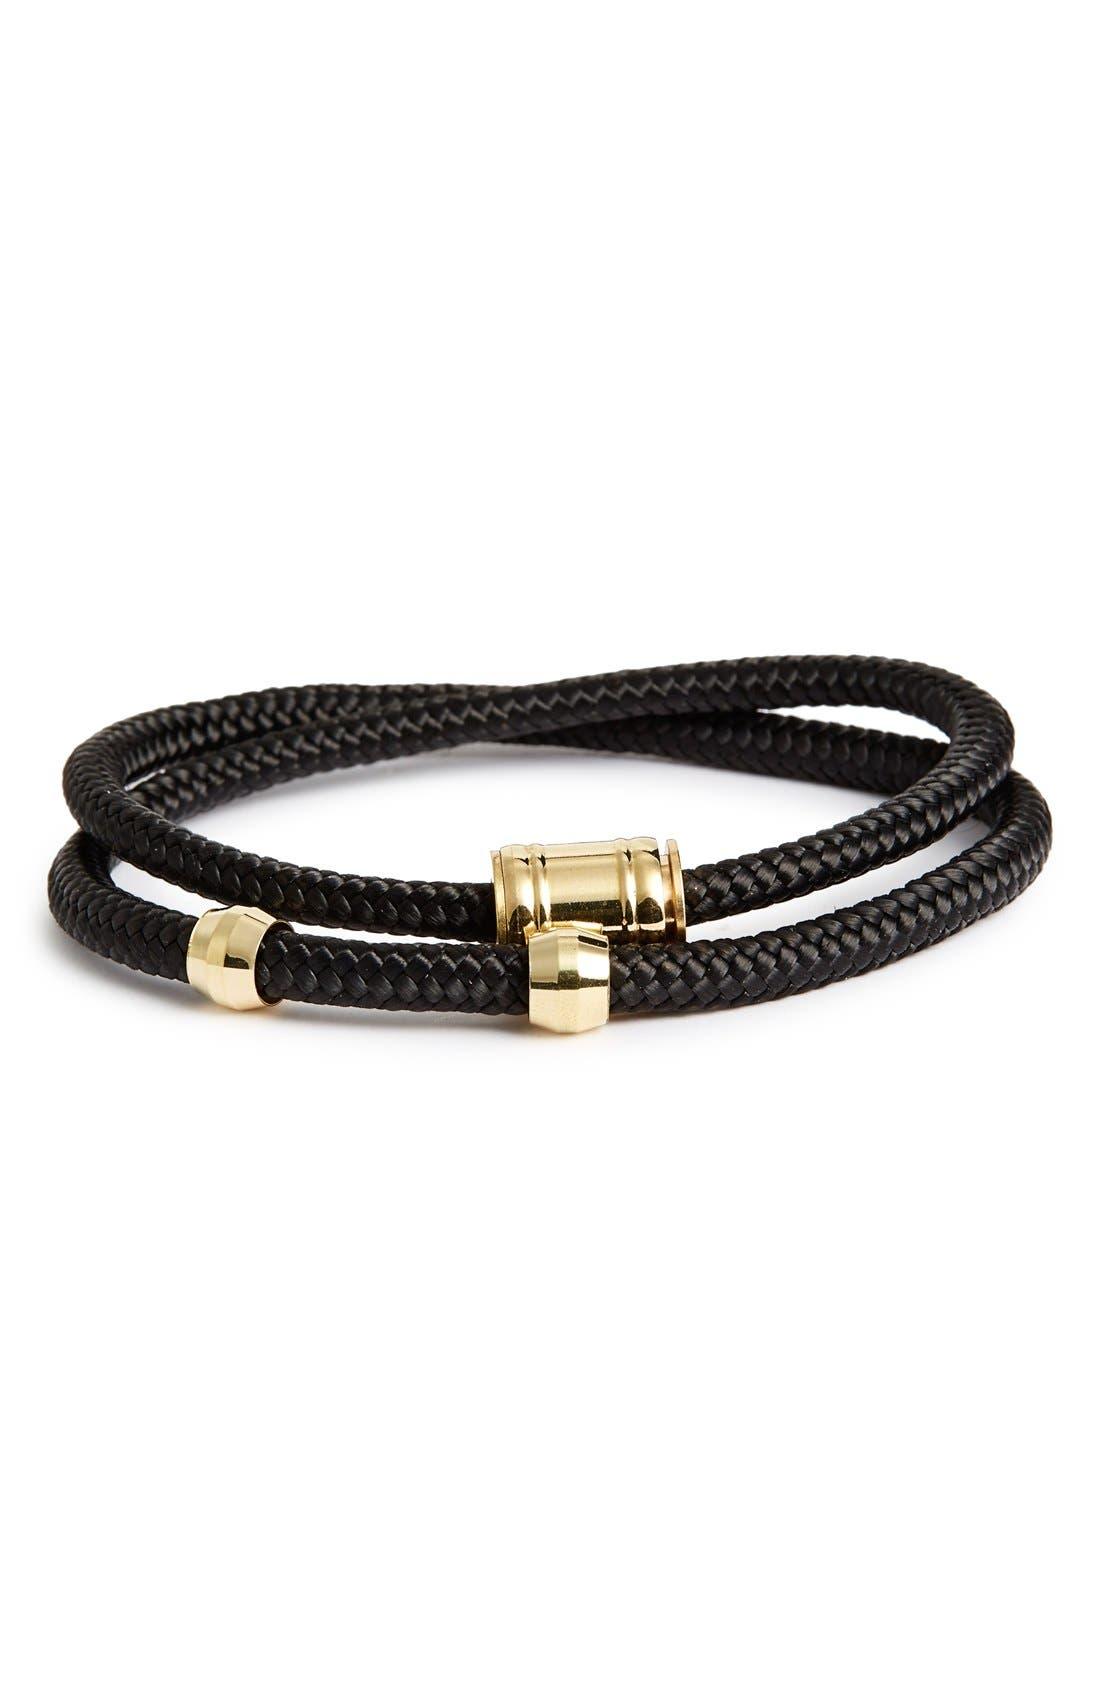 Double Wrap Rope Bracelet,                             Main thumbnail 1, color,                             SOLID BLACK